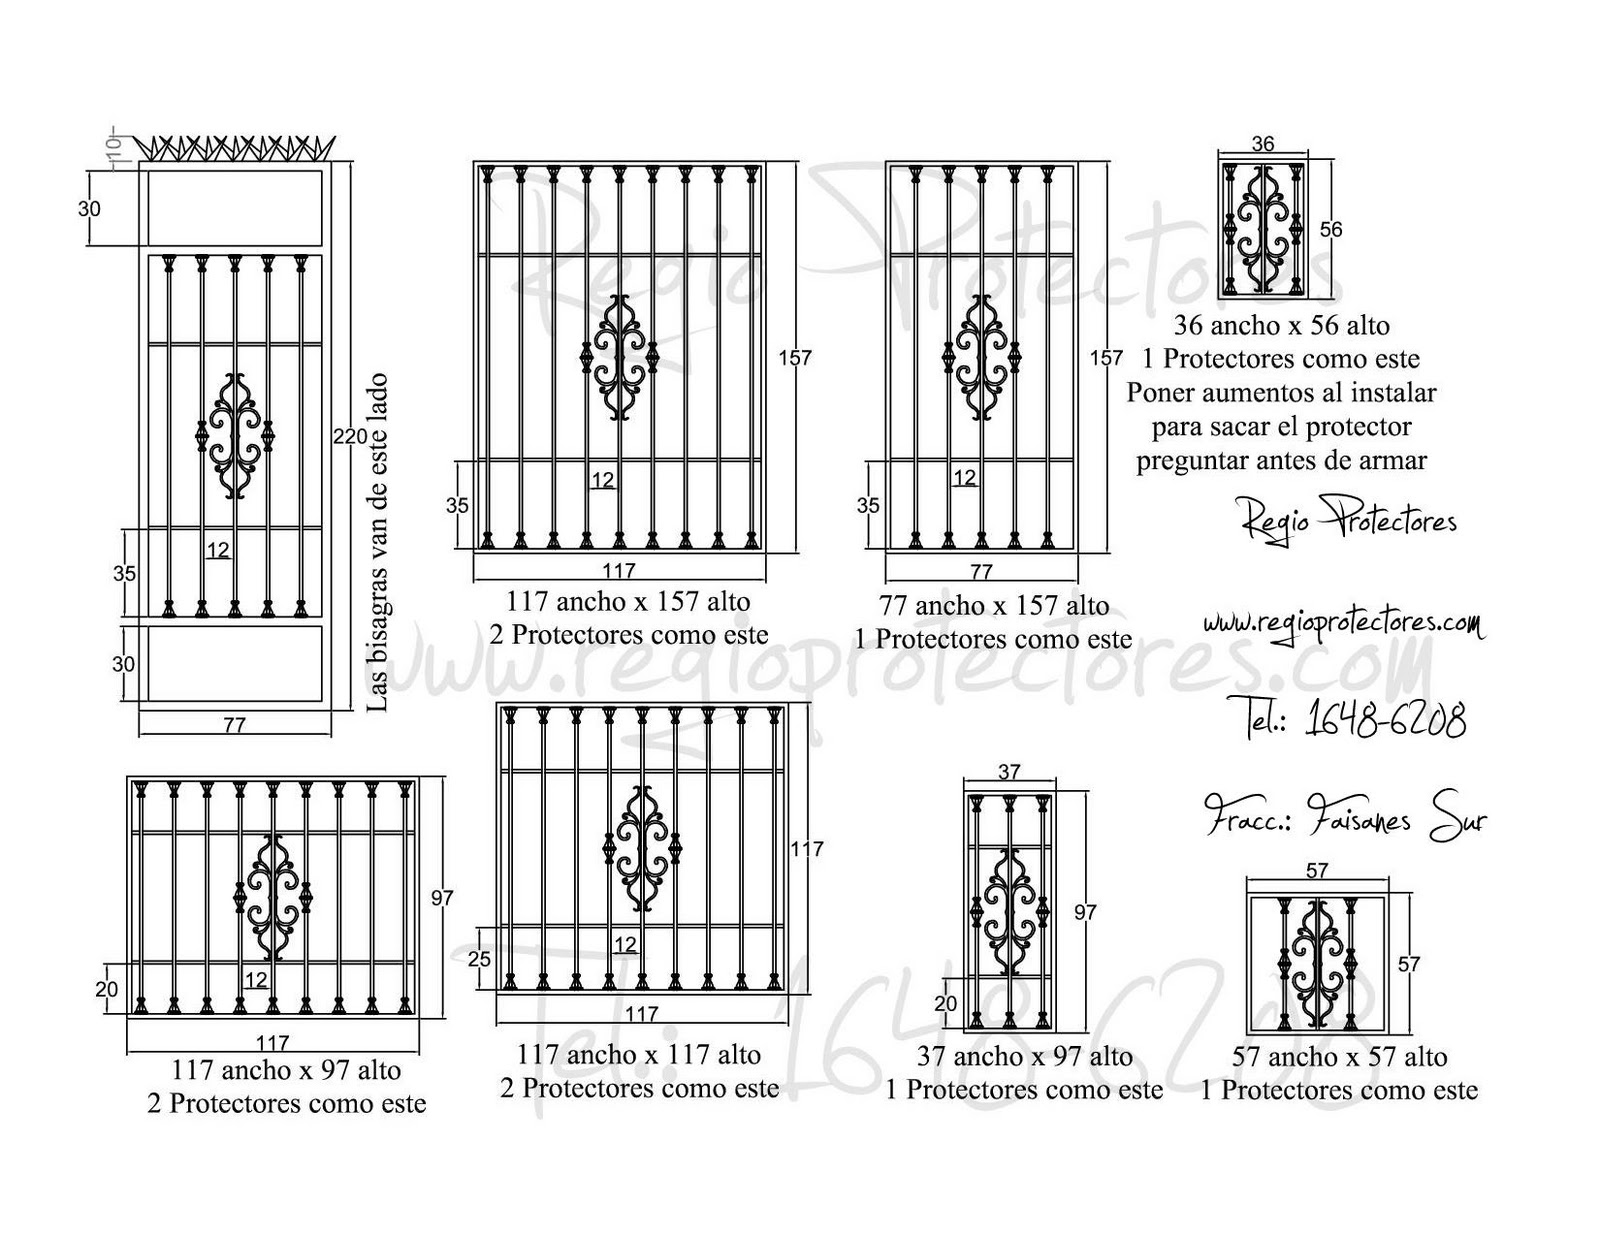 ... ventanas y puertas, Fracc. Faisanes Sur, Foto Montaje y Plano de